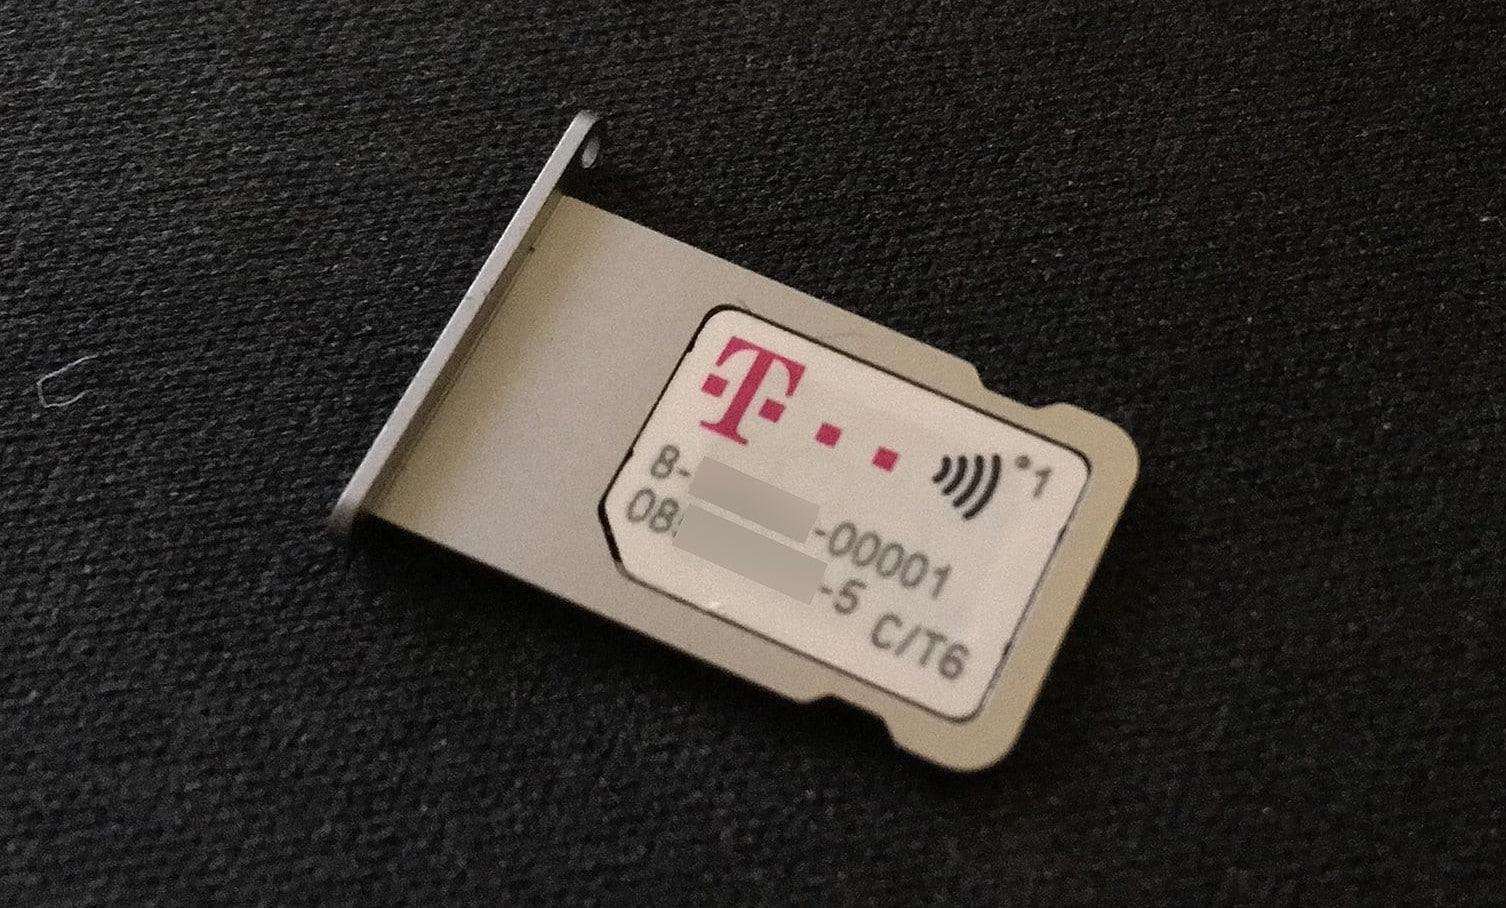 Telekom Neue Sim Karte.Deutsche Telekom Aktivierte 400 Neue Lte Standorte In Quartal 3